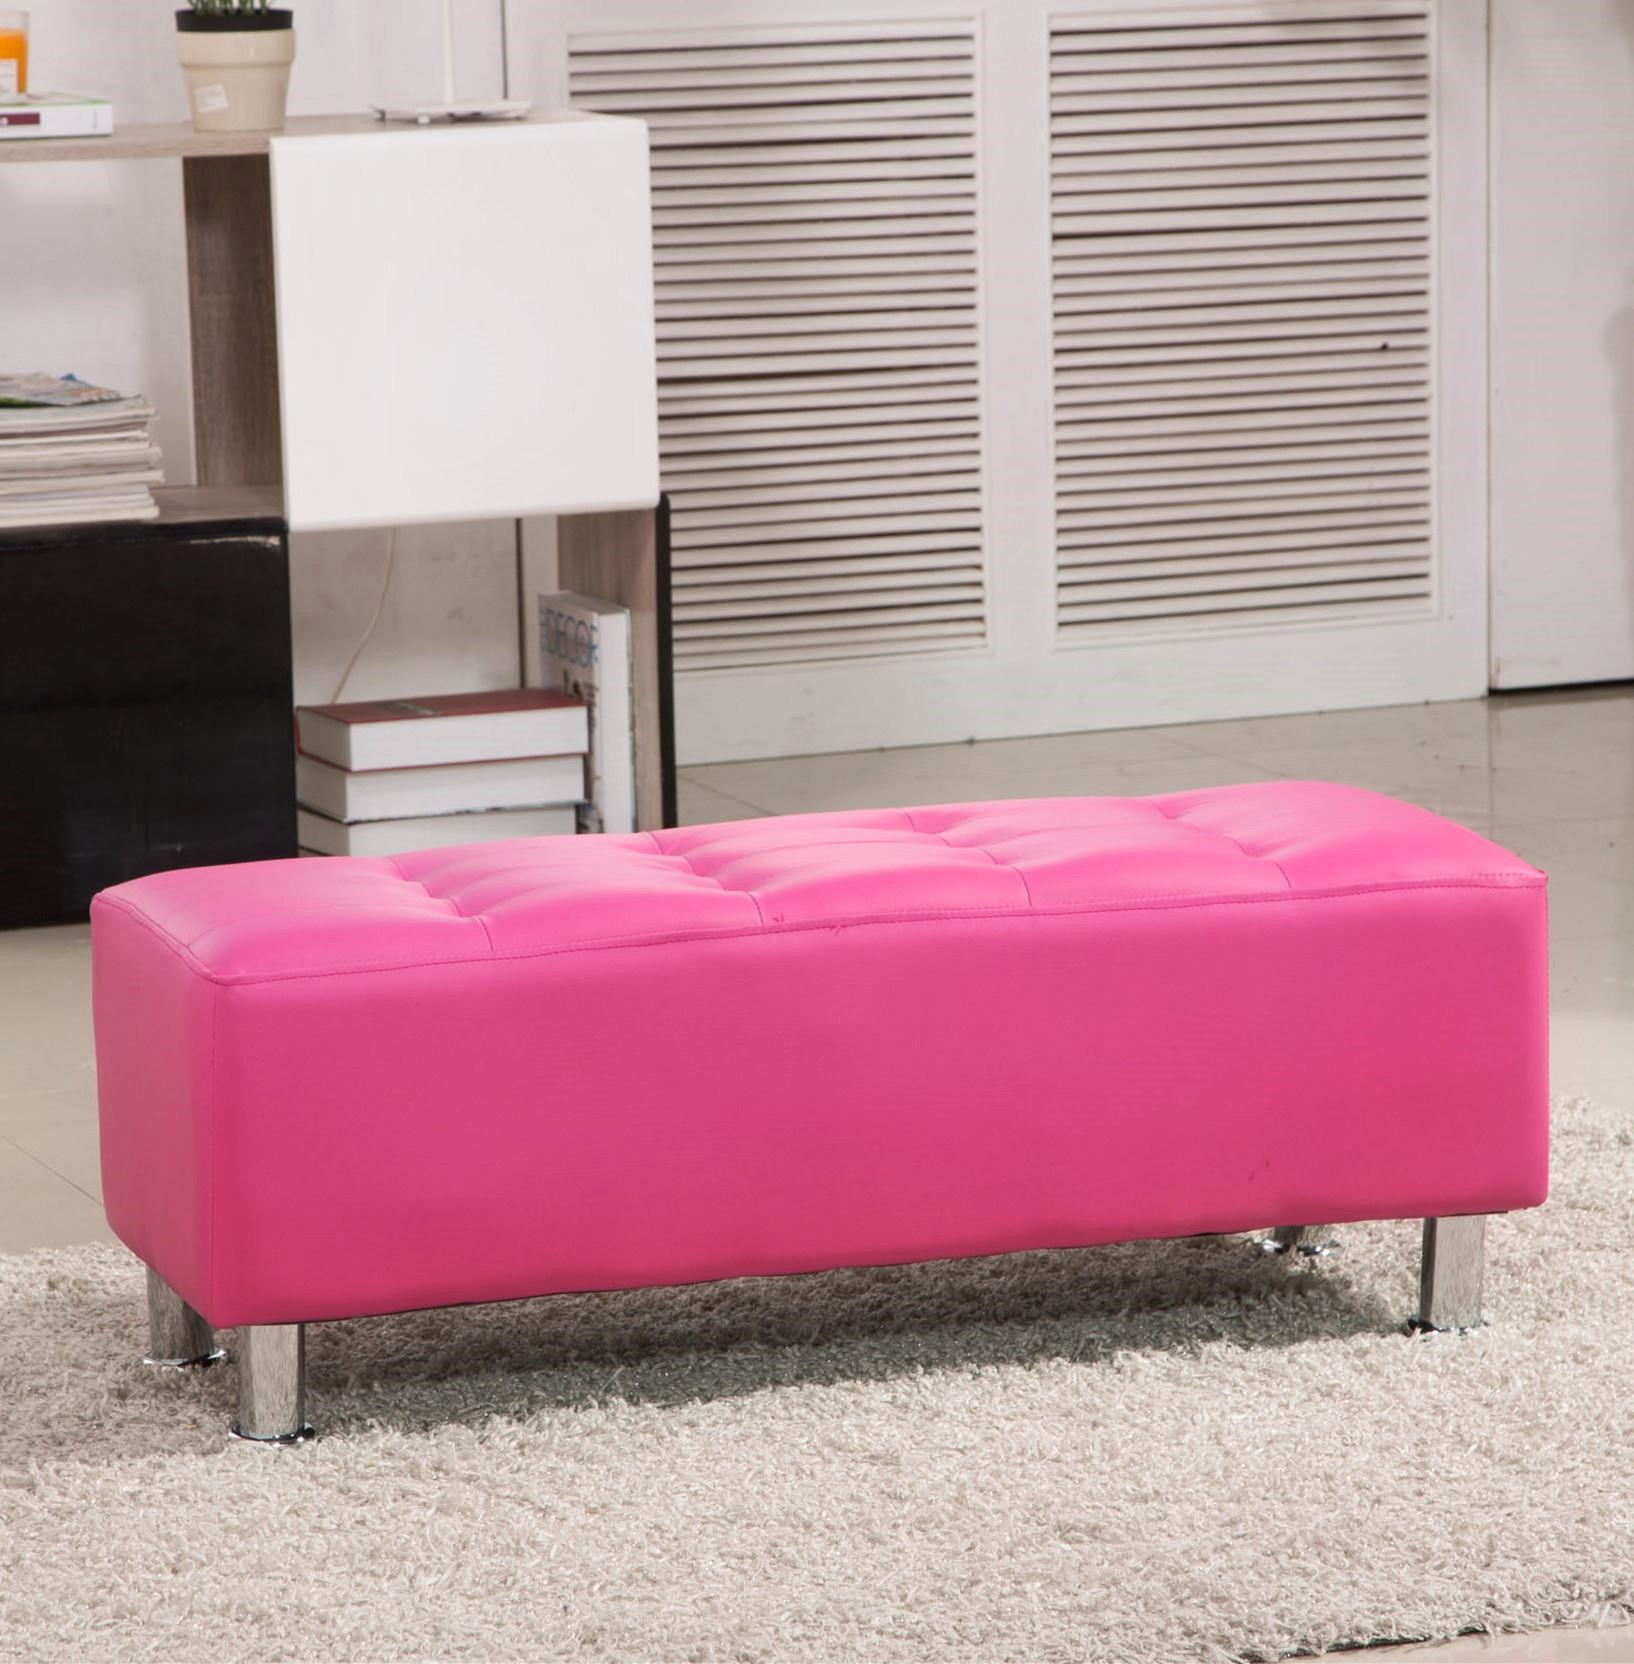 沙发凳子软包休息凳浴室换鞋凳家用玄关更衣凳长条凳子休闲椅